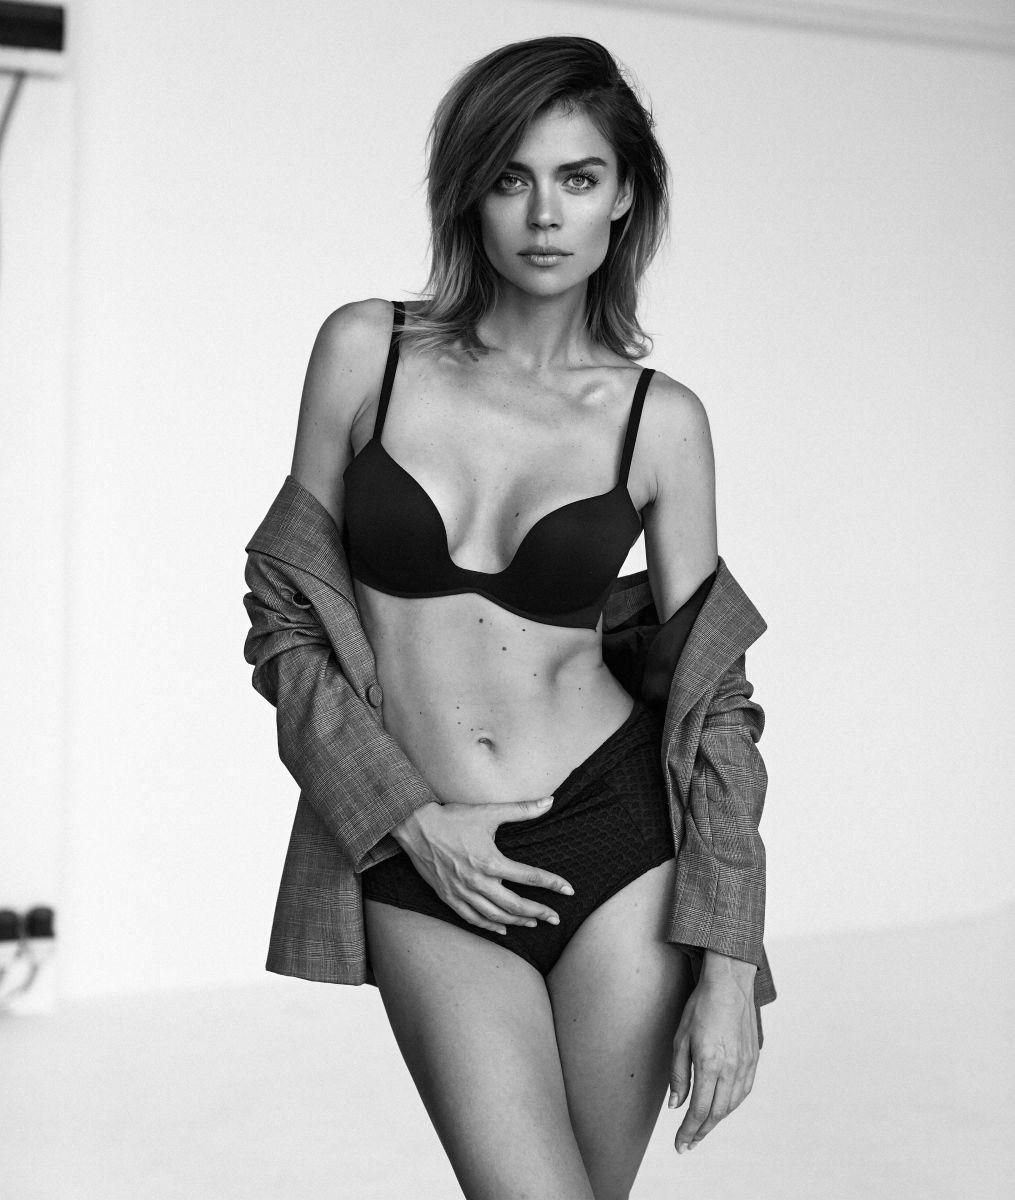 Balistarz-model-Olesya-Z-black-and-white-shoot-portrait-with-sleepwear